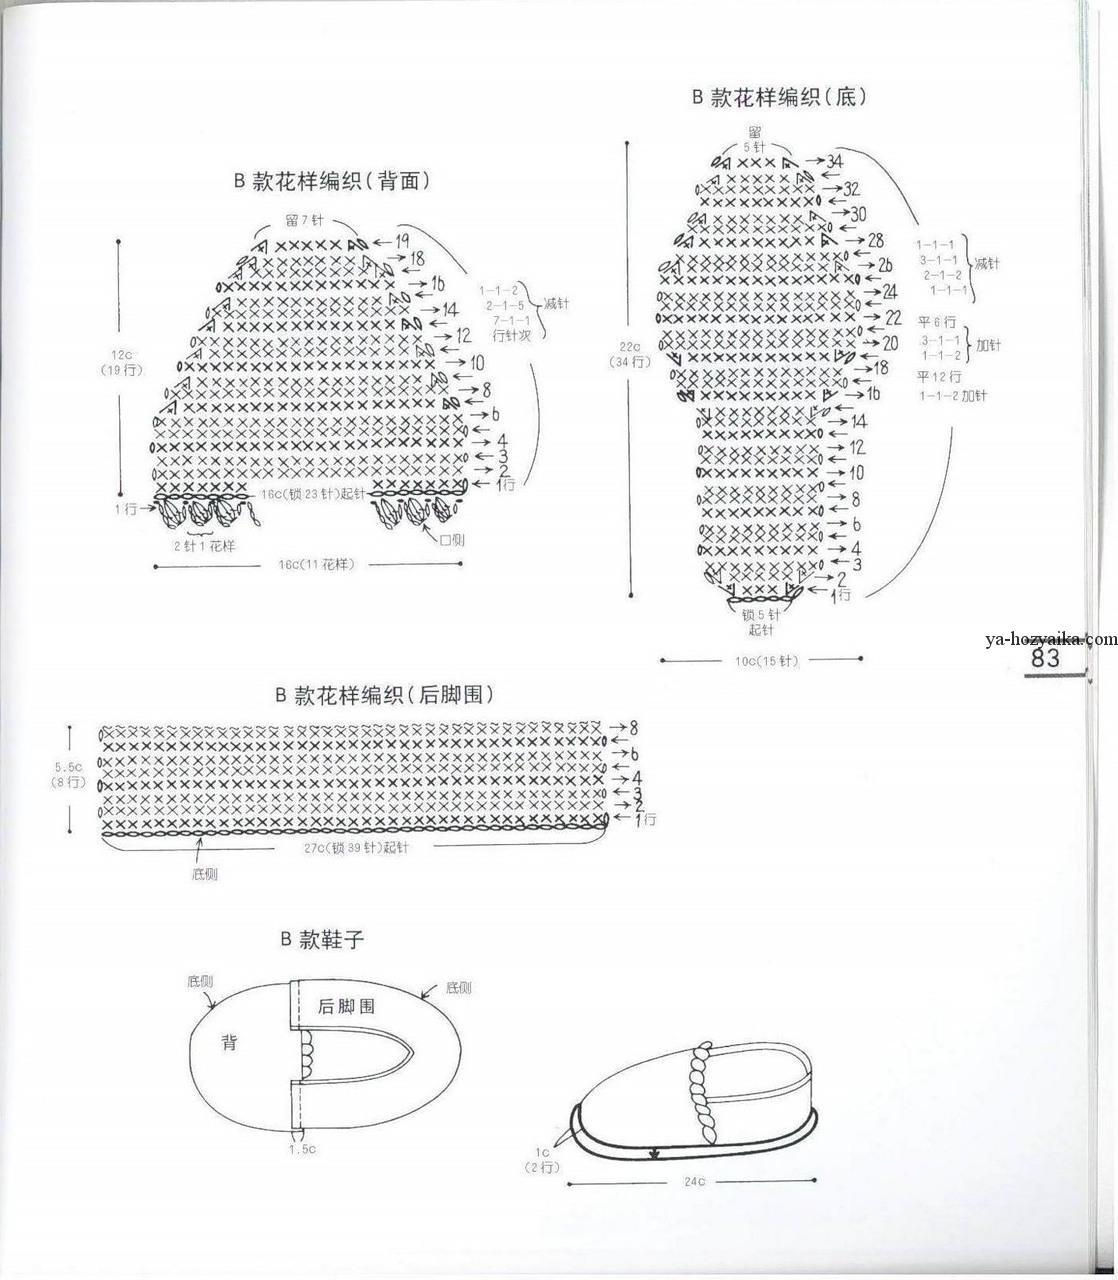 мужские тапочки крючком схемы вязаные тапочки крючком для мужчин